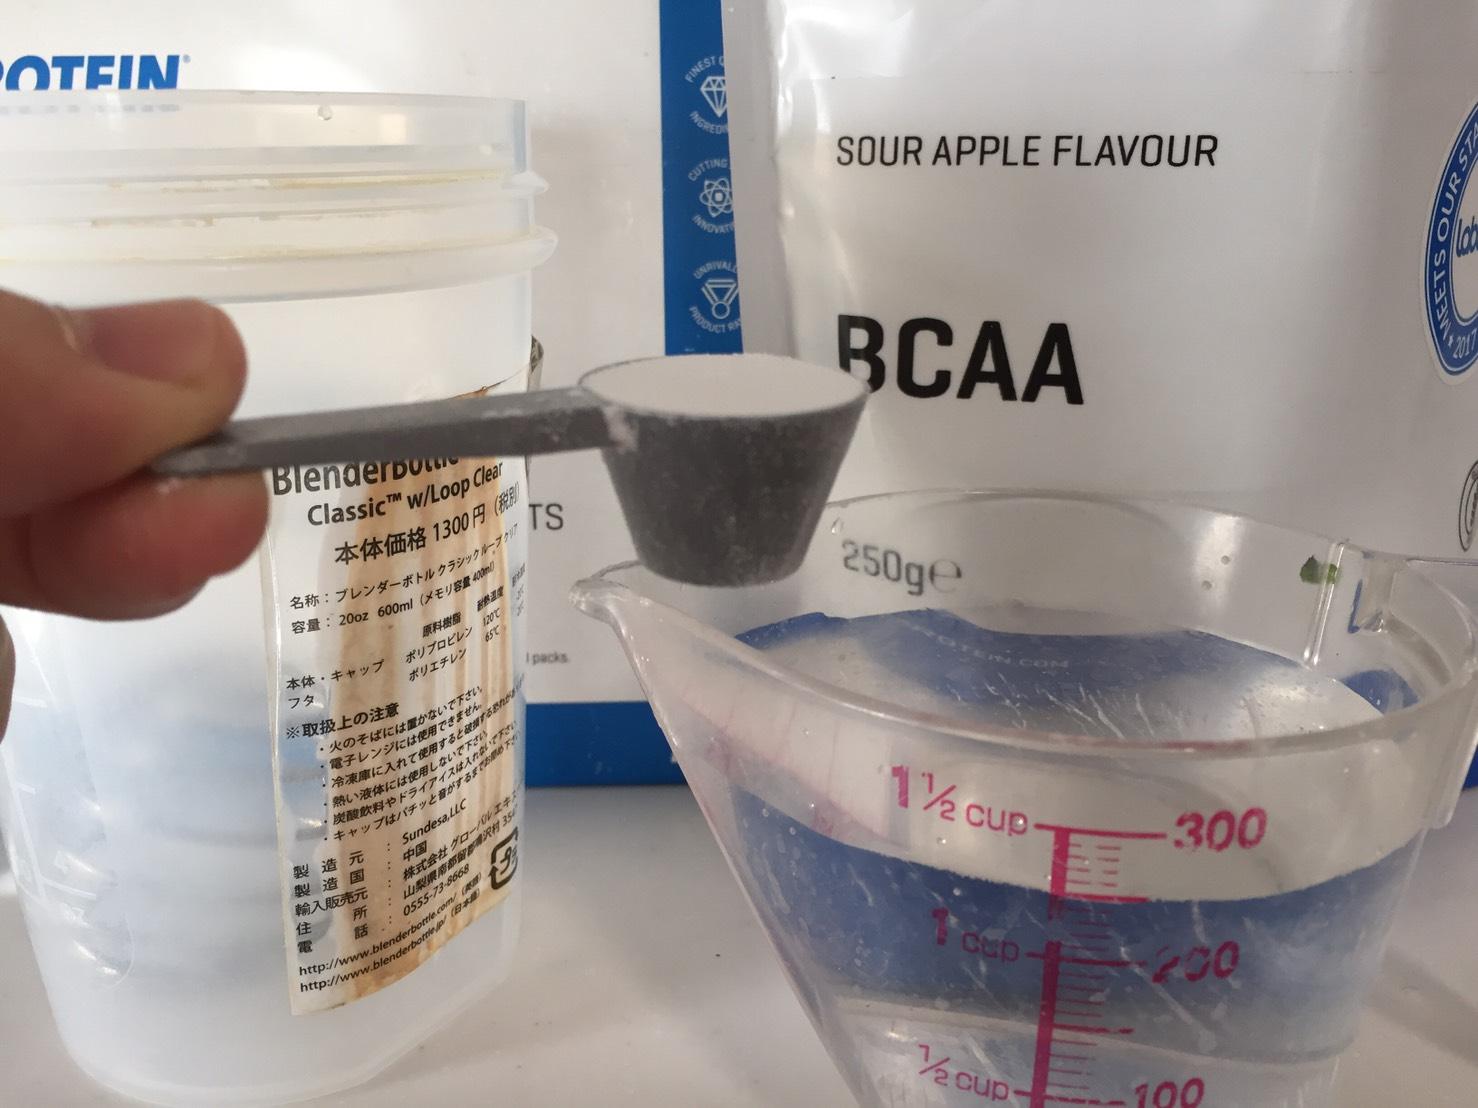 BCAA「サワーアップル味(SOUR APPLE FLAVOUR)」を溶かします。